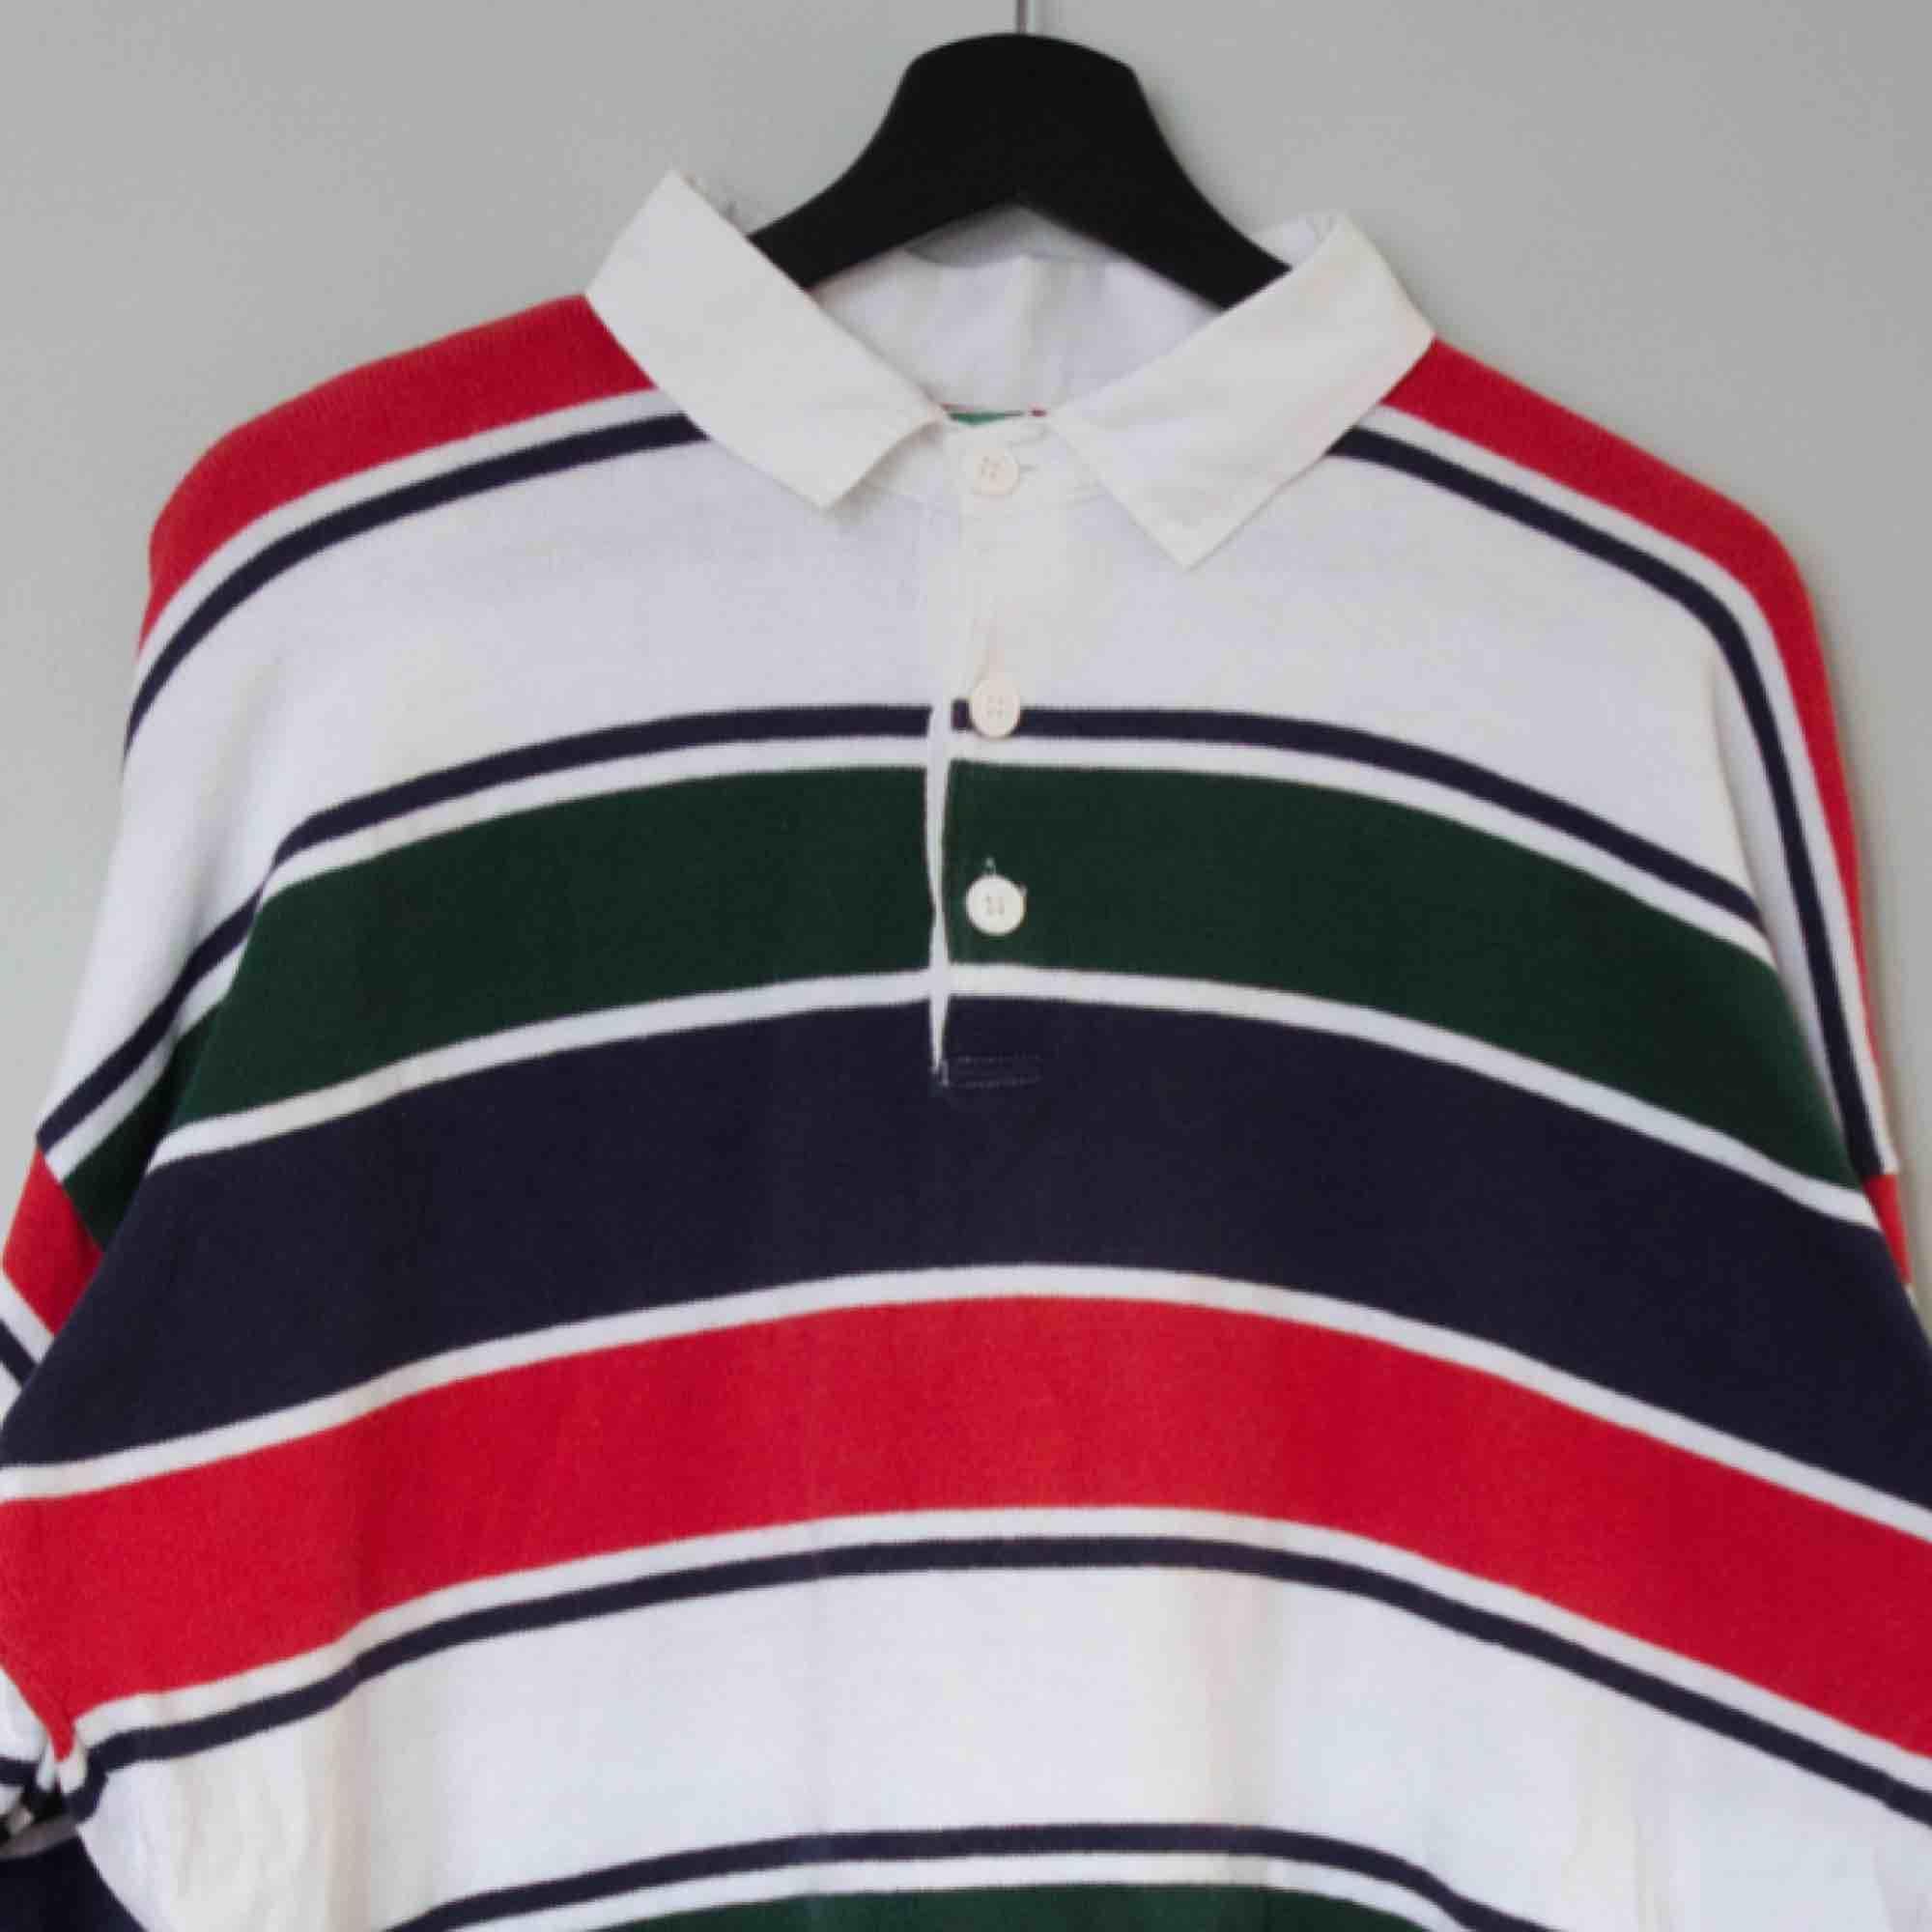 Säljer en vintage randig Benetton rugby tröja!  Size: L (saknar tag, drop shoulders) Cond: 8/10 (mycket bra vintage skick). Tröjor & Koftor.